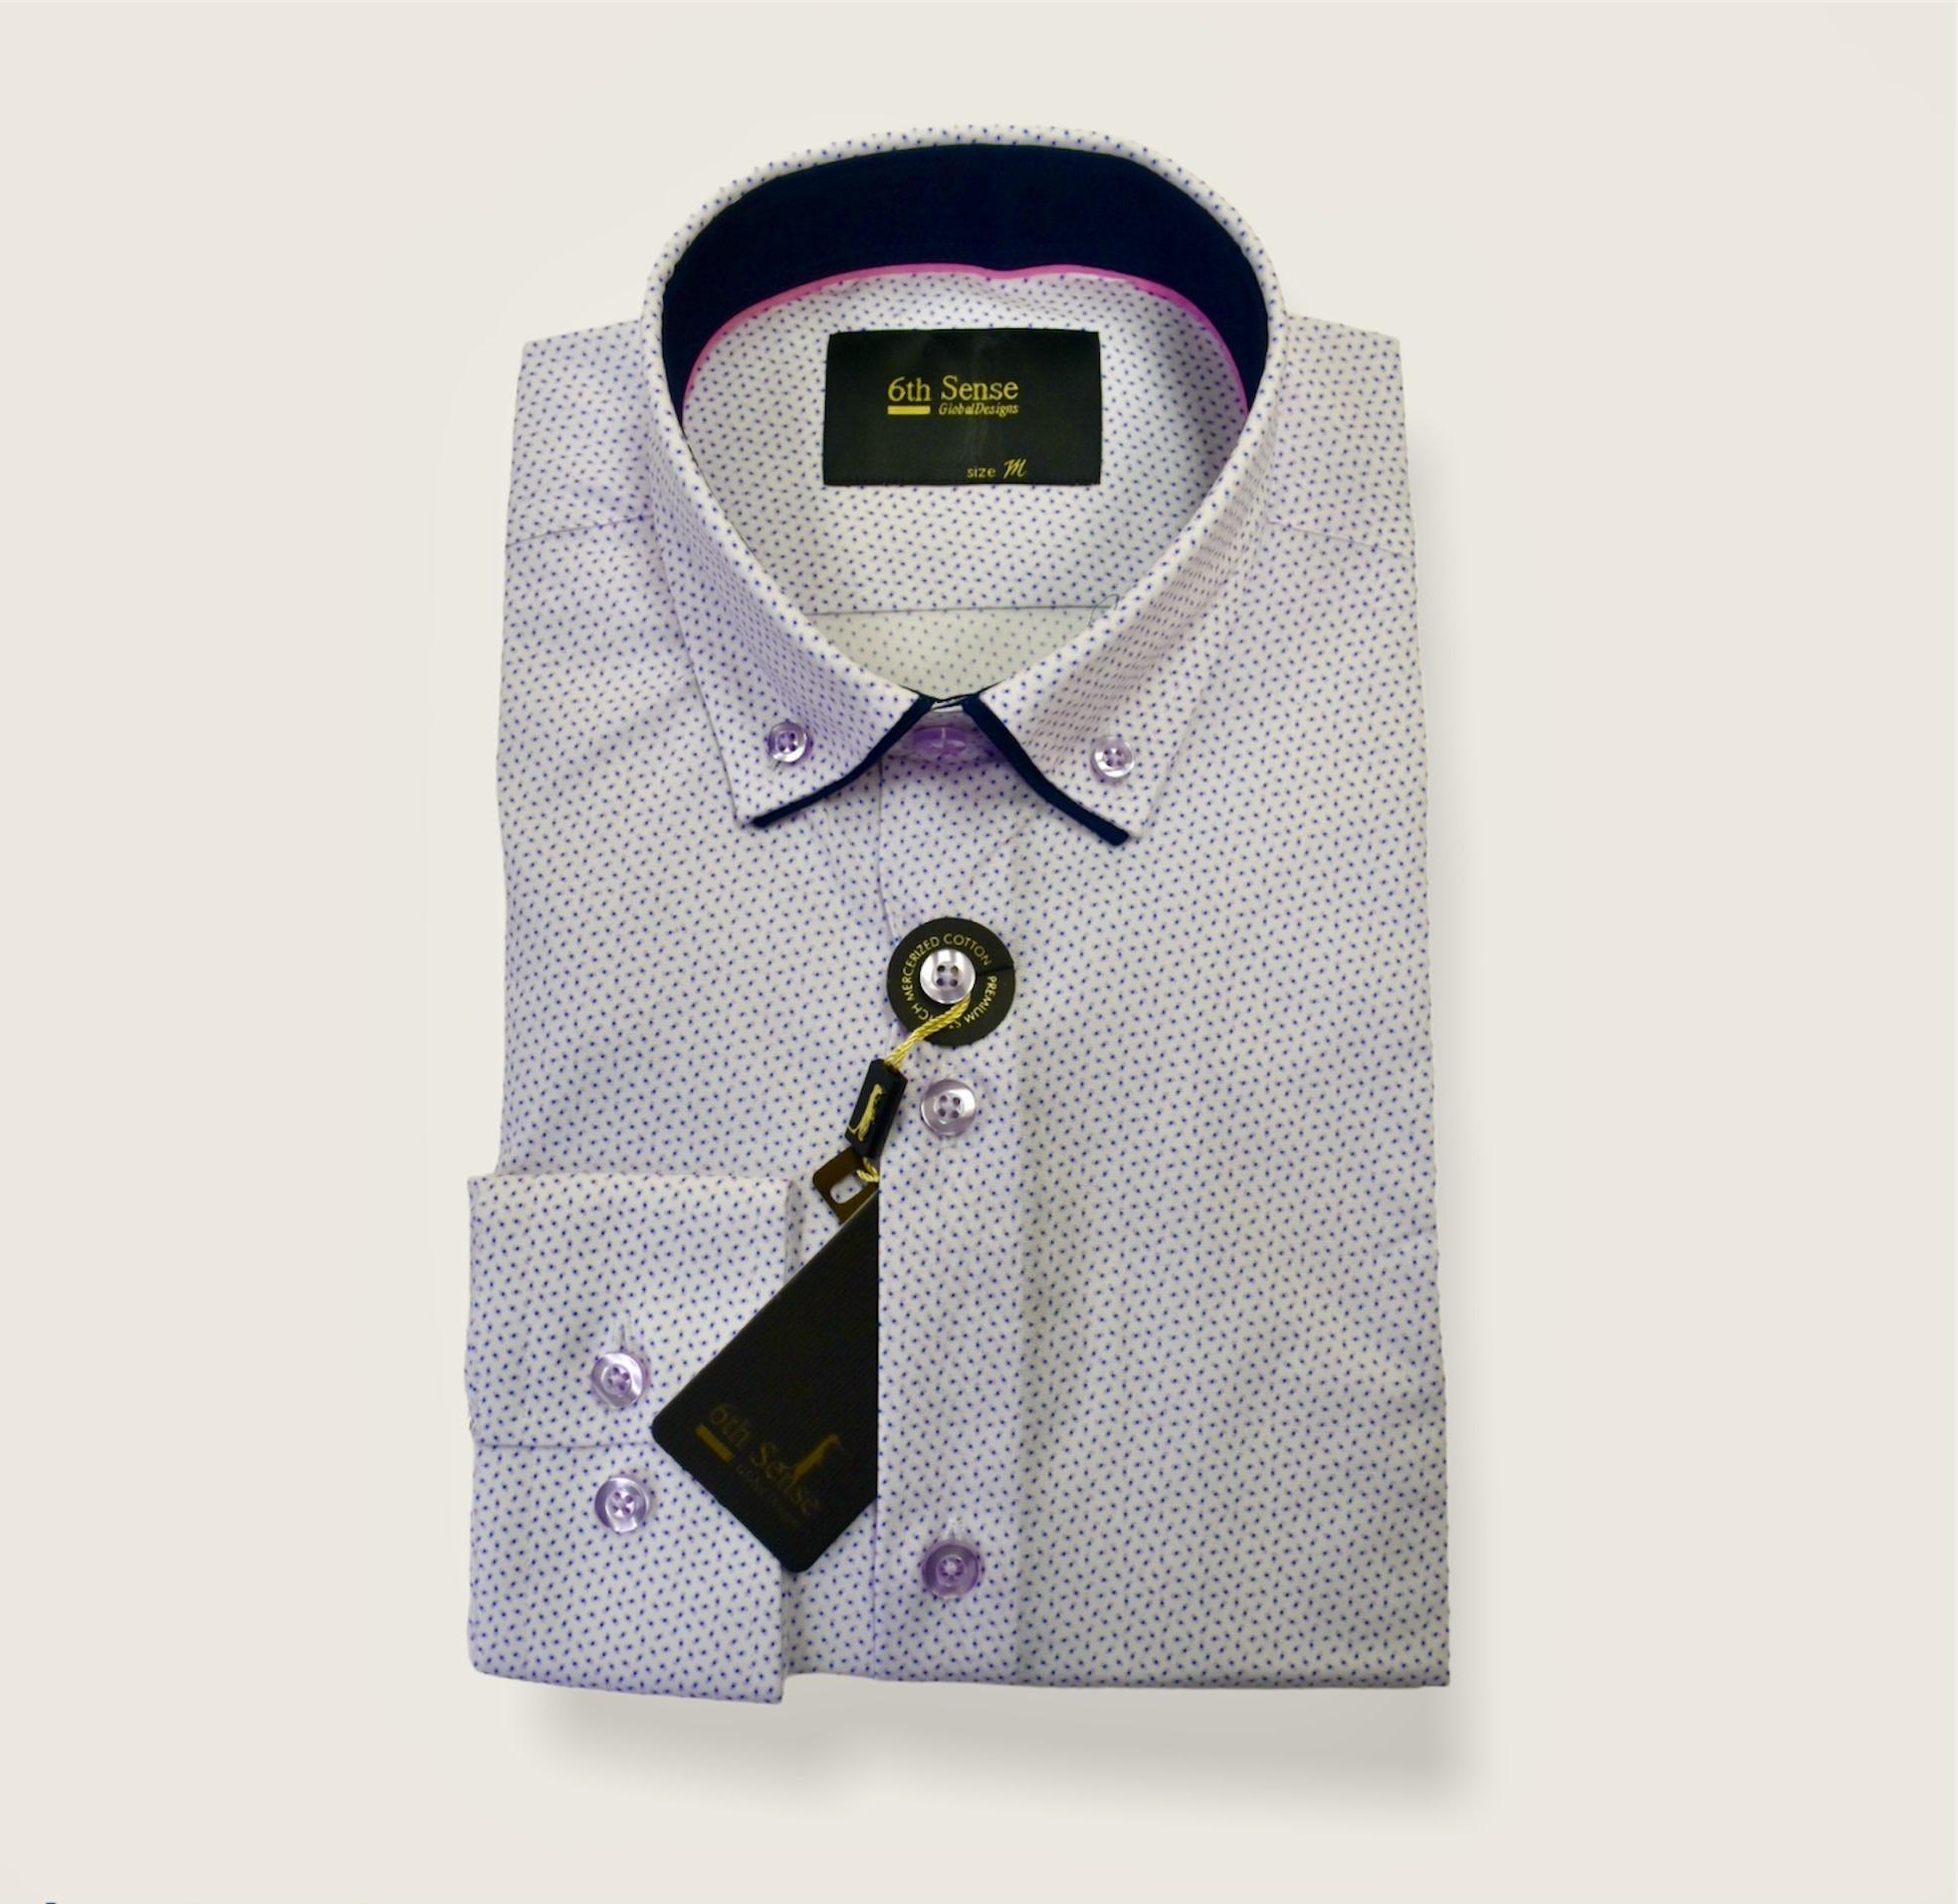 6th sense 6th sense dc print 38 shirt